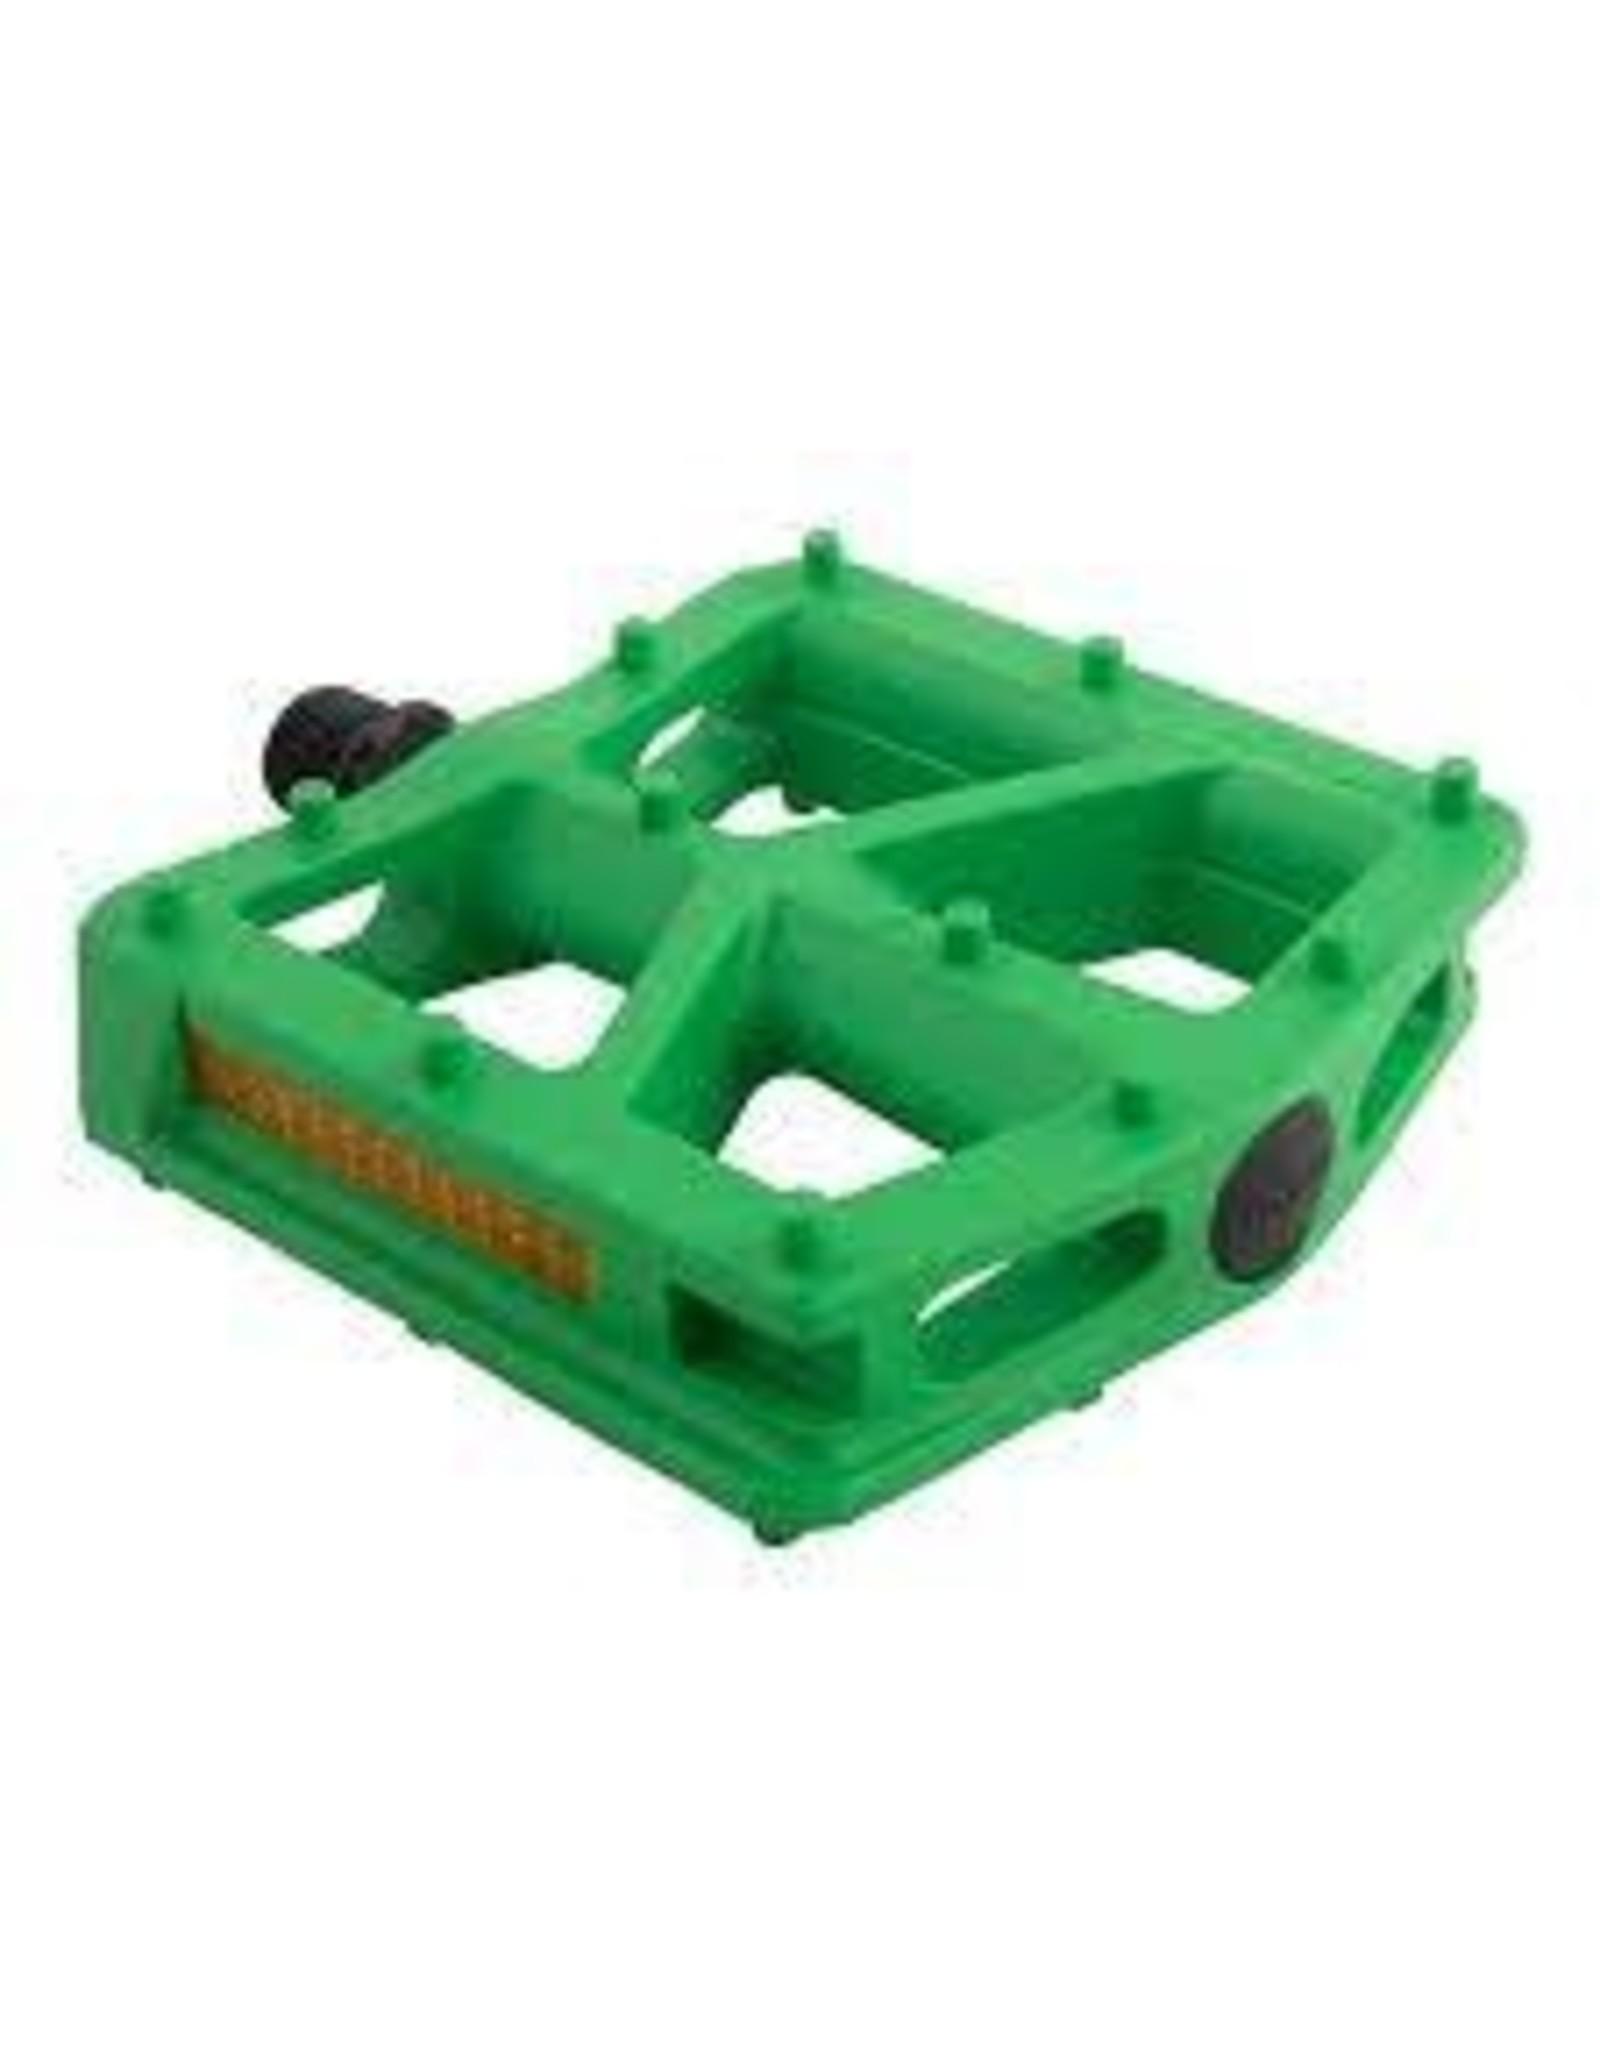 Pedal Bk-Ops T-Bar 9/16 Green